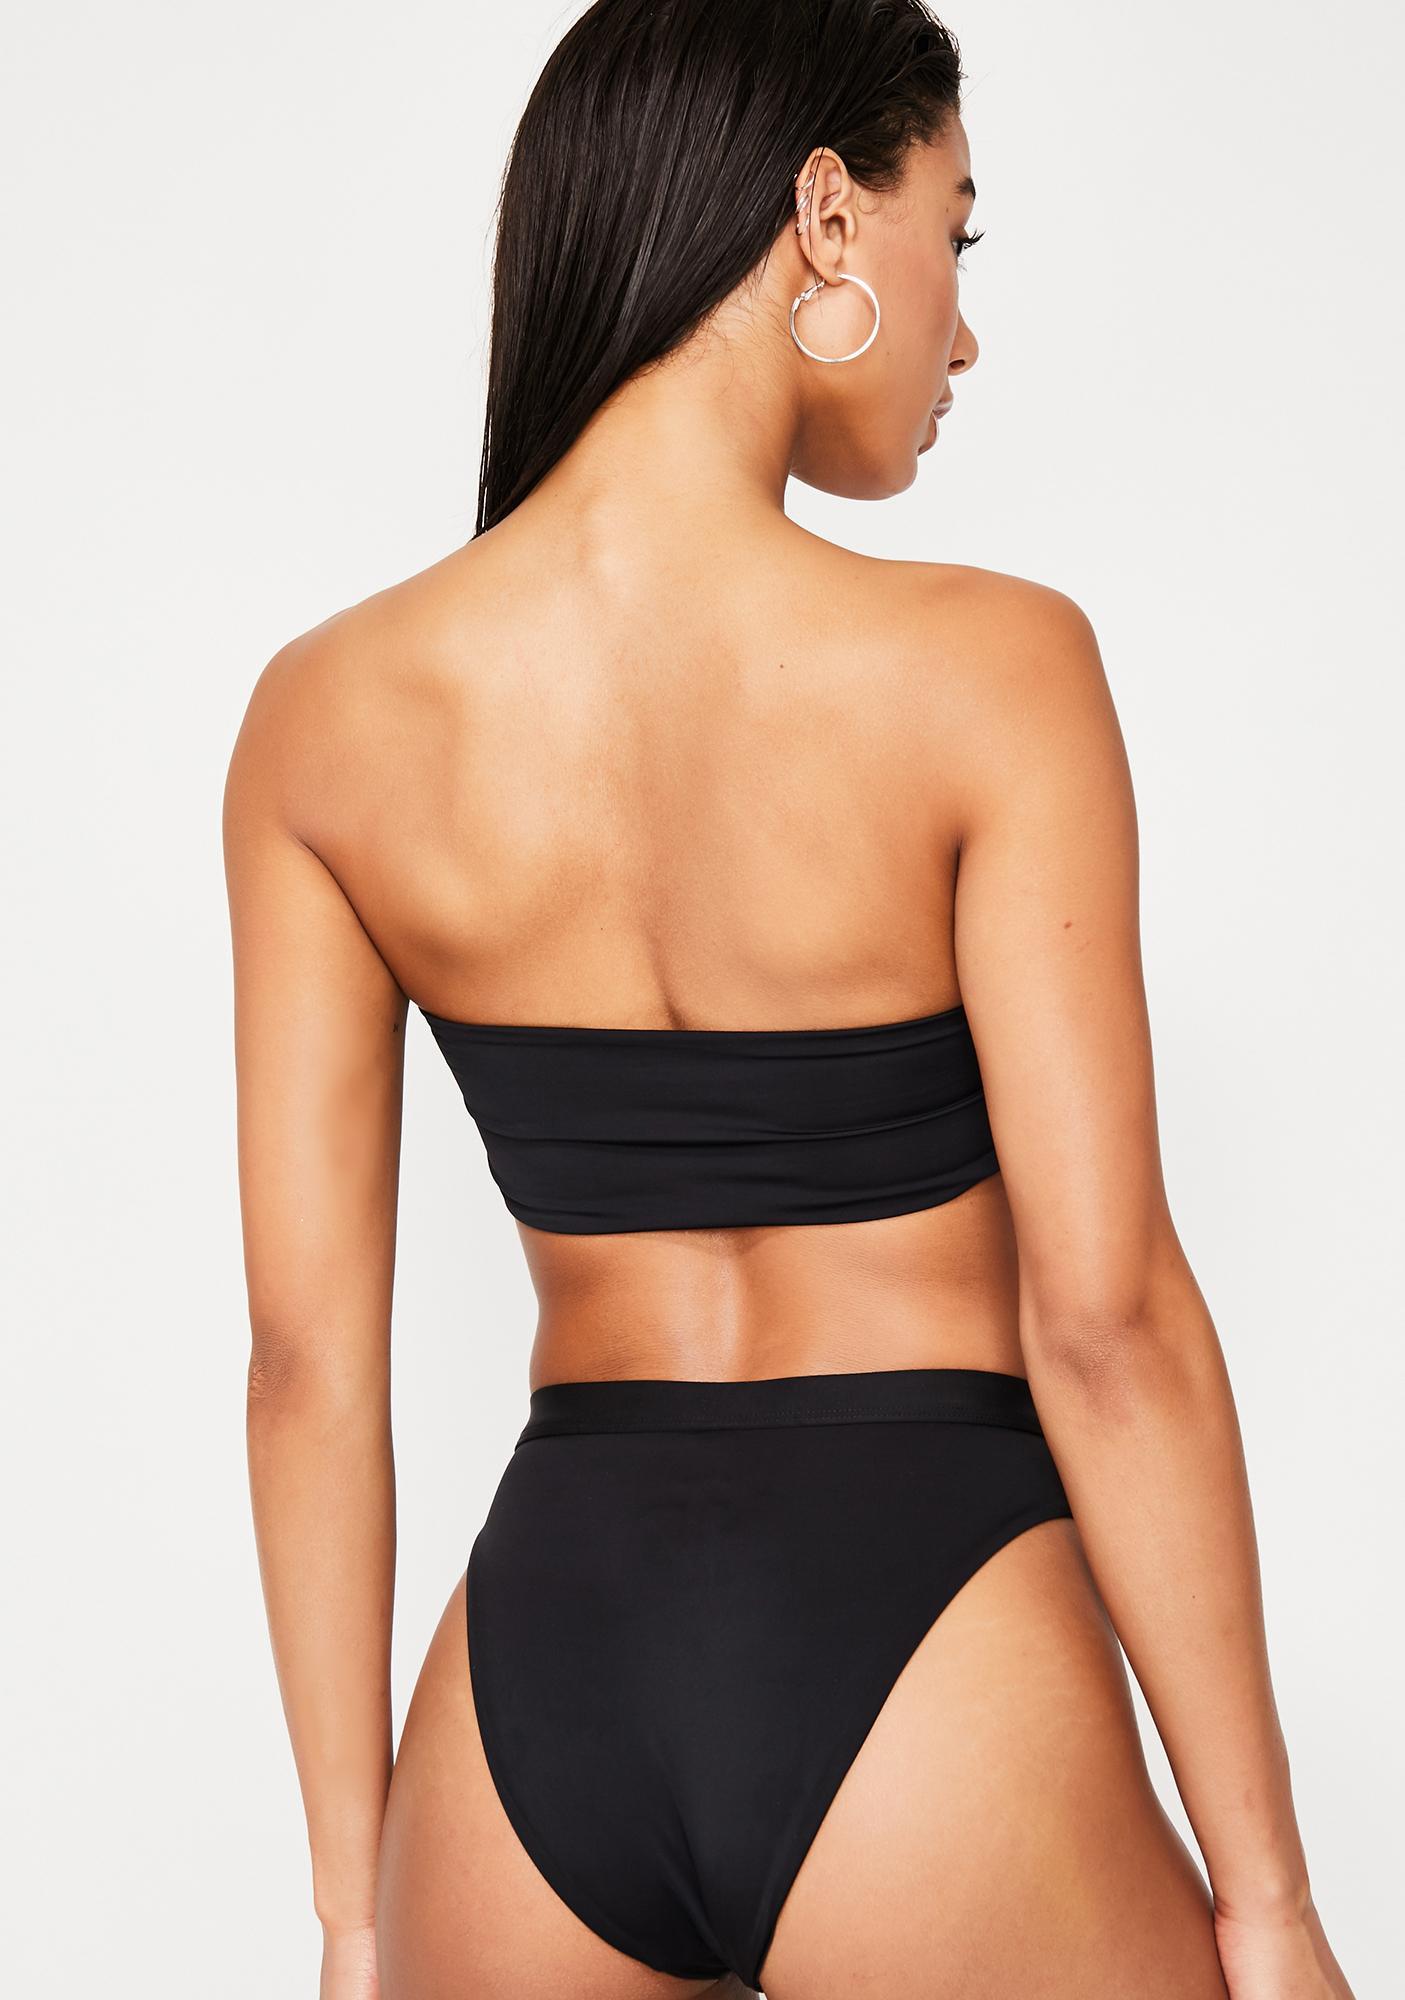 Dippin' Daisy's Seamless High Waist Bikini Bottoms